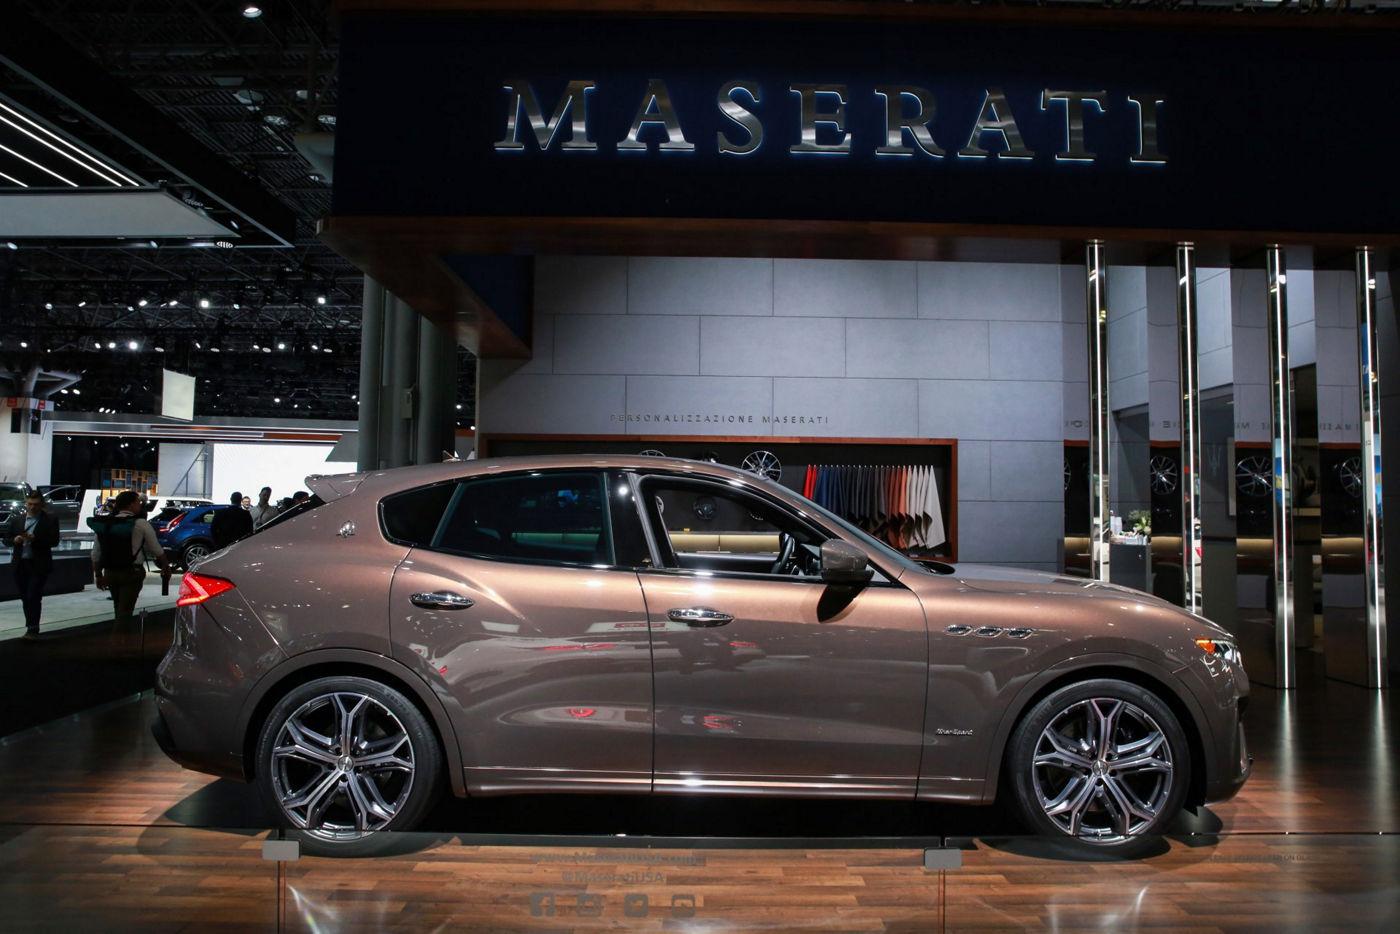 Maserati Levante Q4 GranSport - side view - new Pelletessuta™ interior by Ermenegildo Zegna